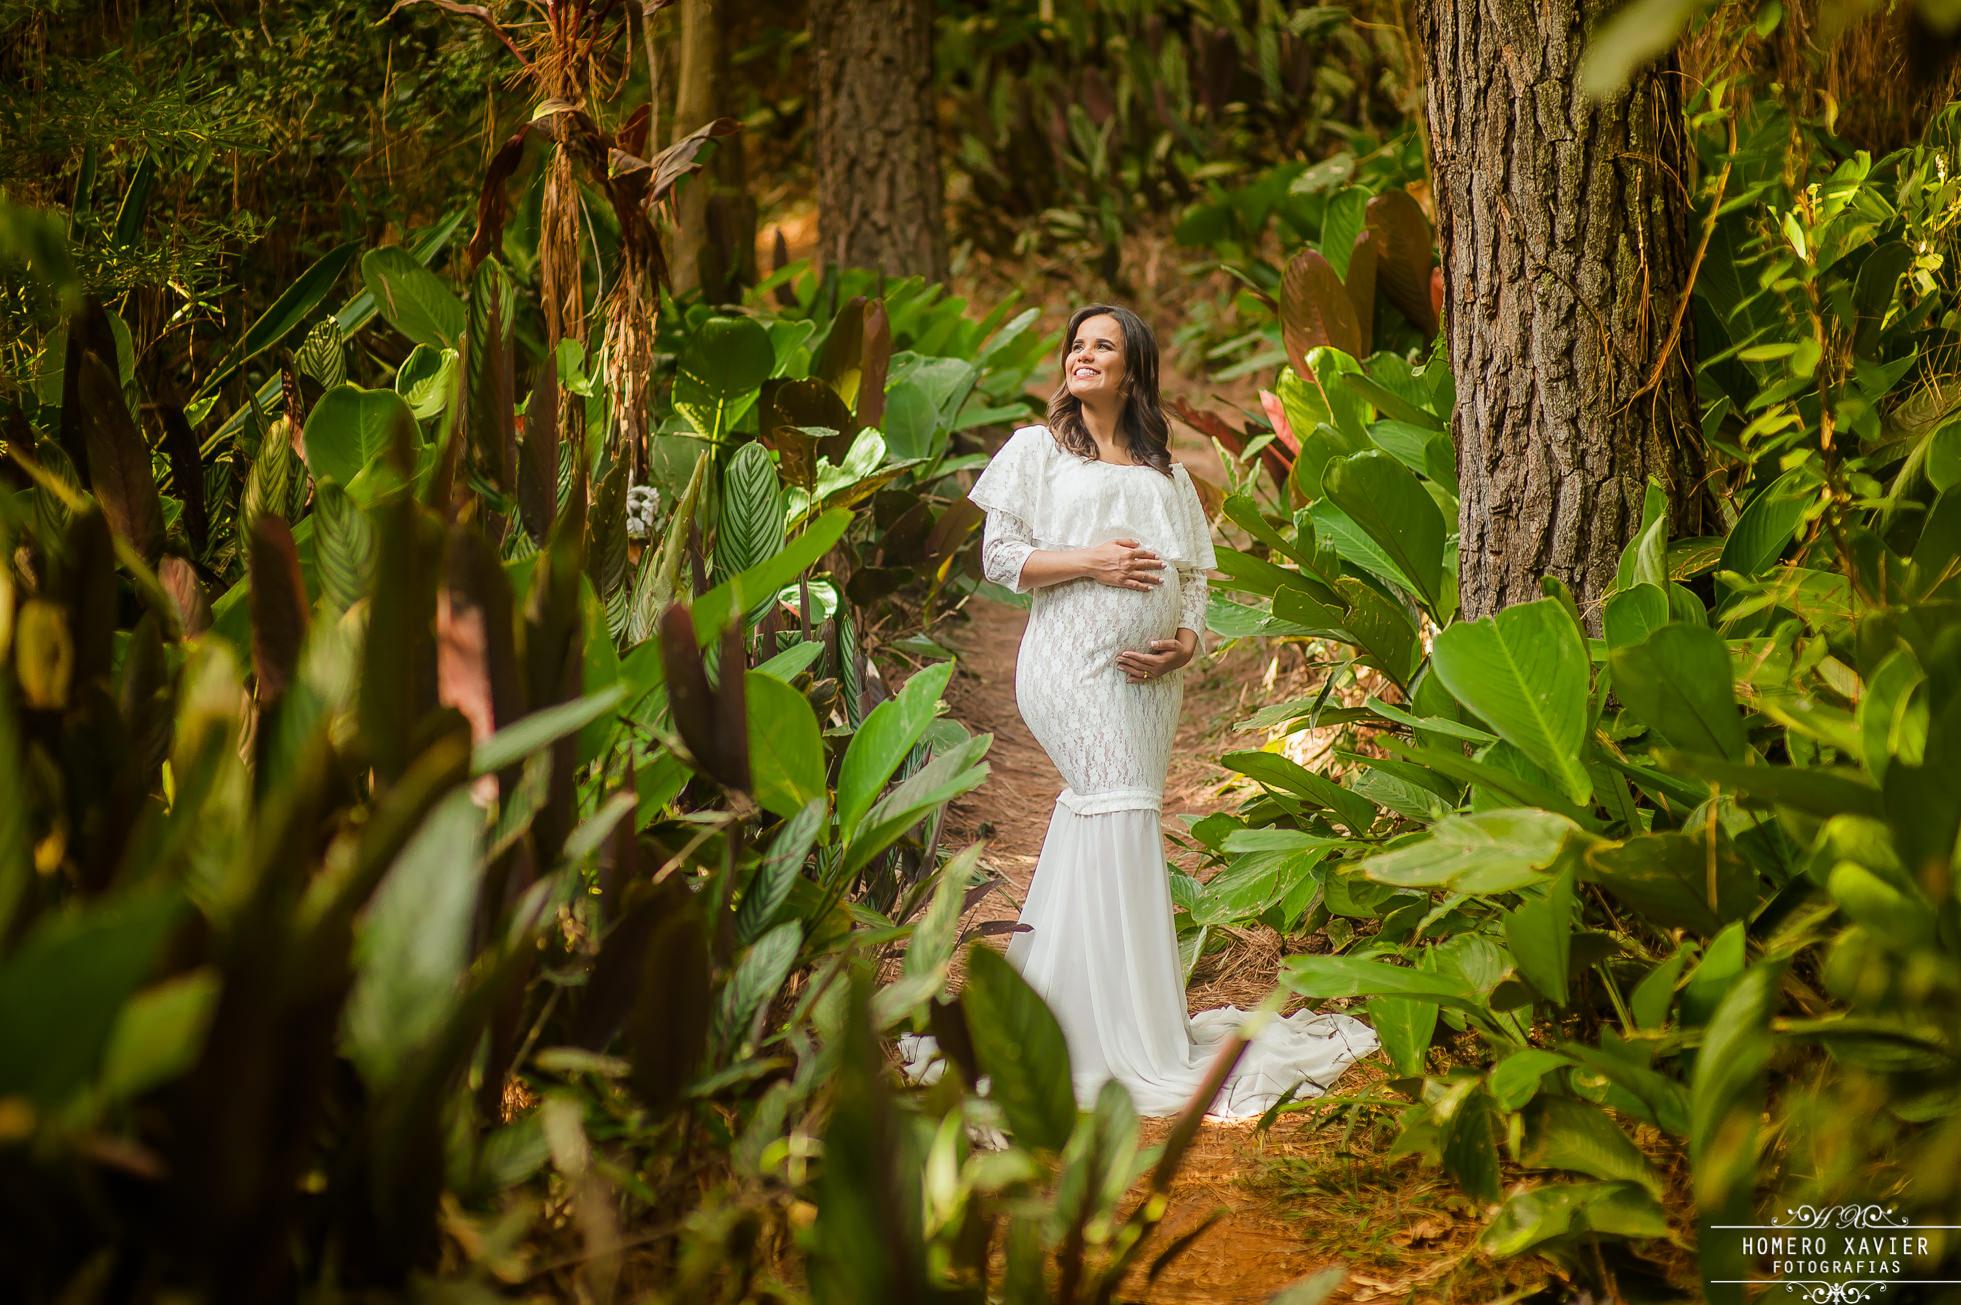 foto book de gravida Parque das Aguas em BH